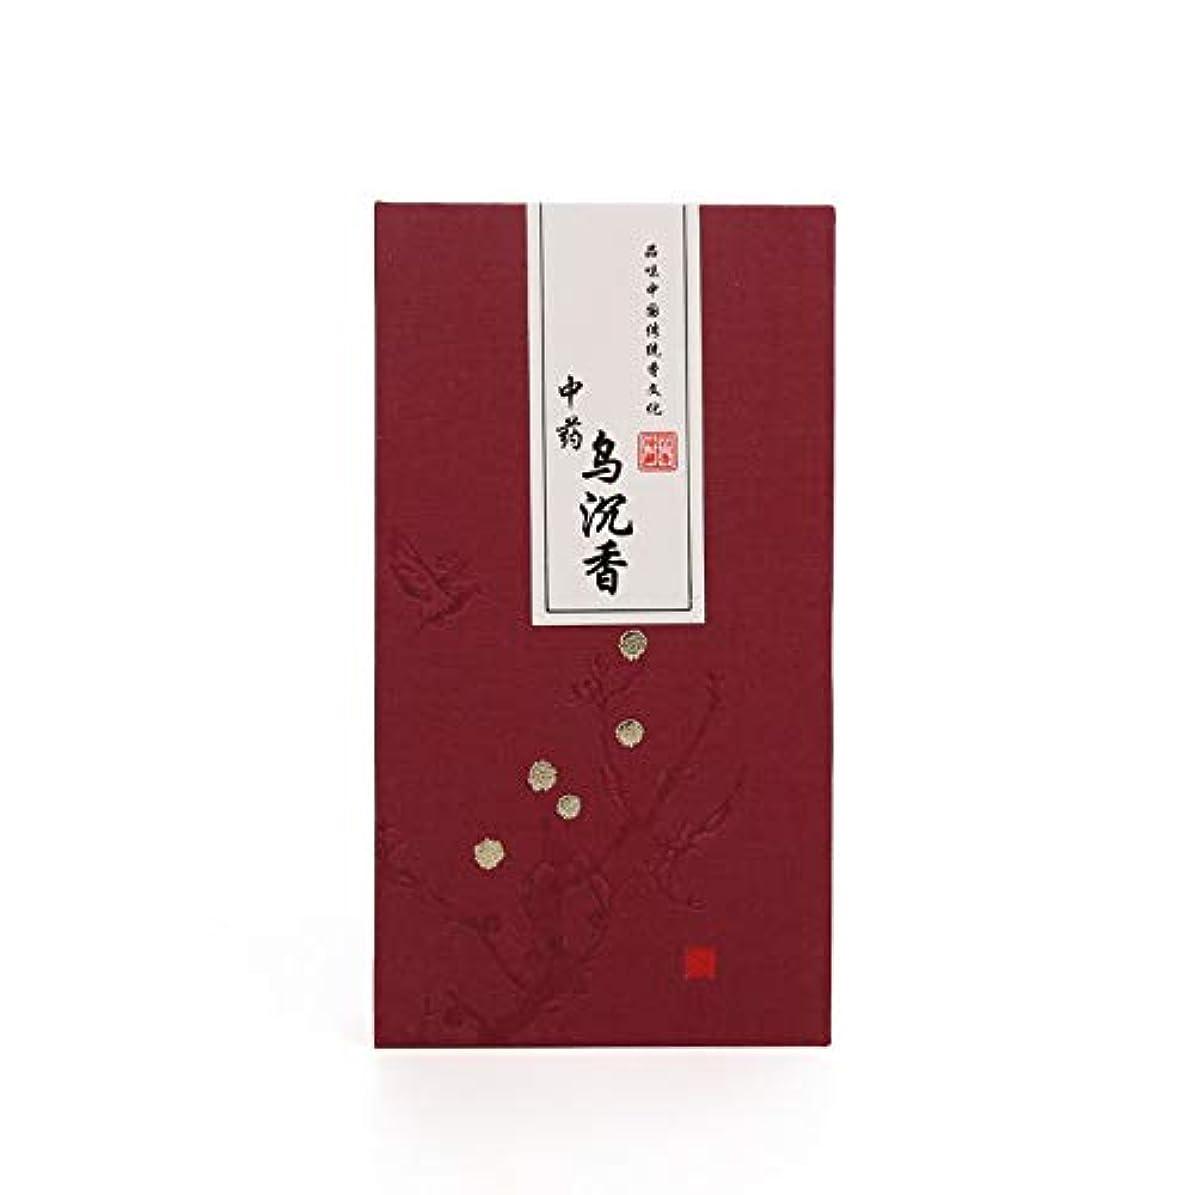 消費者とティームラフ睡眠Diatems - 絶妙な箱入りの天然白檀の香りのお香、香りの木、辺材、ヒノキ、2時間、長期的な仏香、アロマテラピー[鳥サンダルウッド]